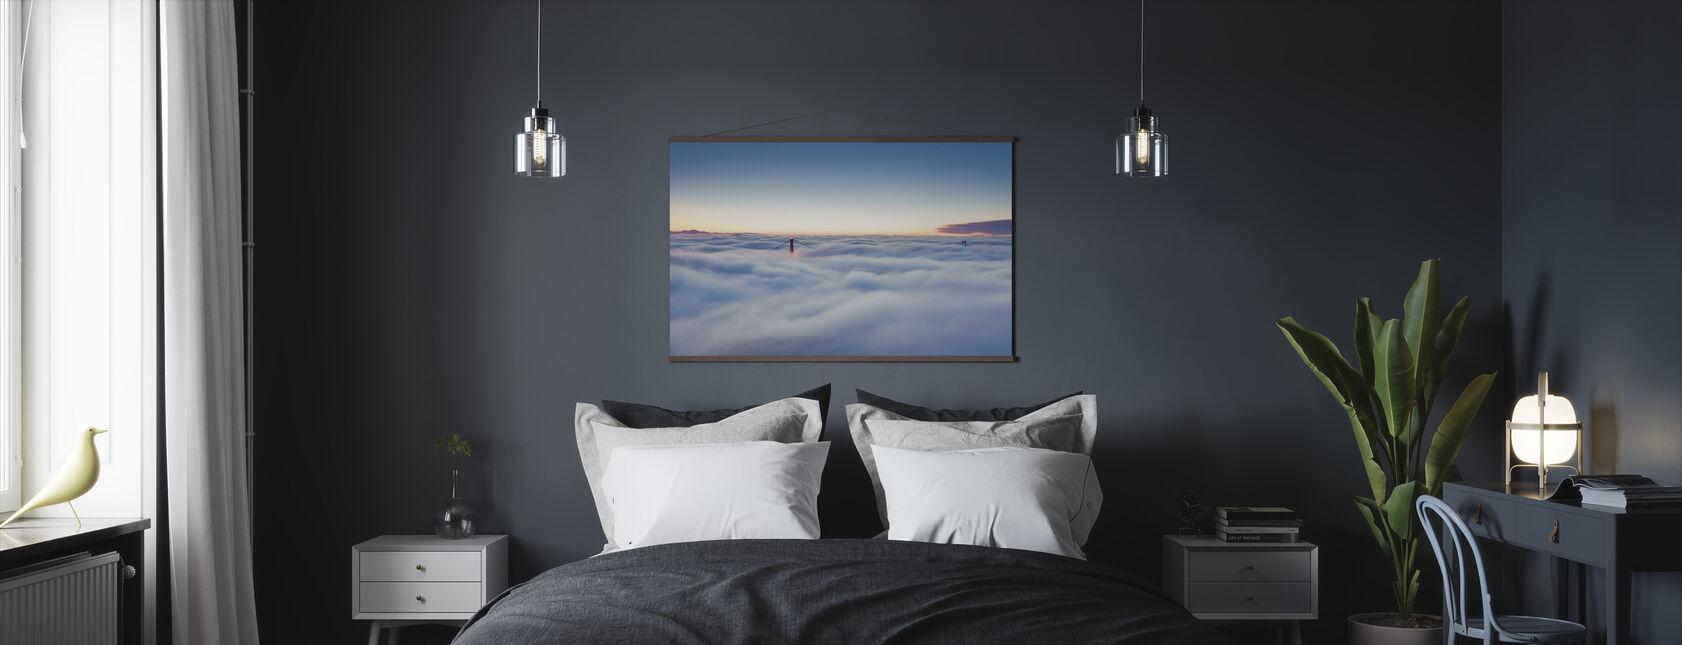 Fog over San Francisco - Poster - Bedroom